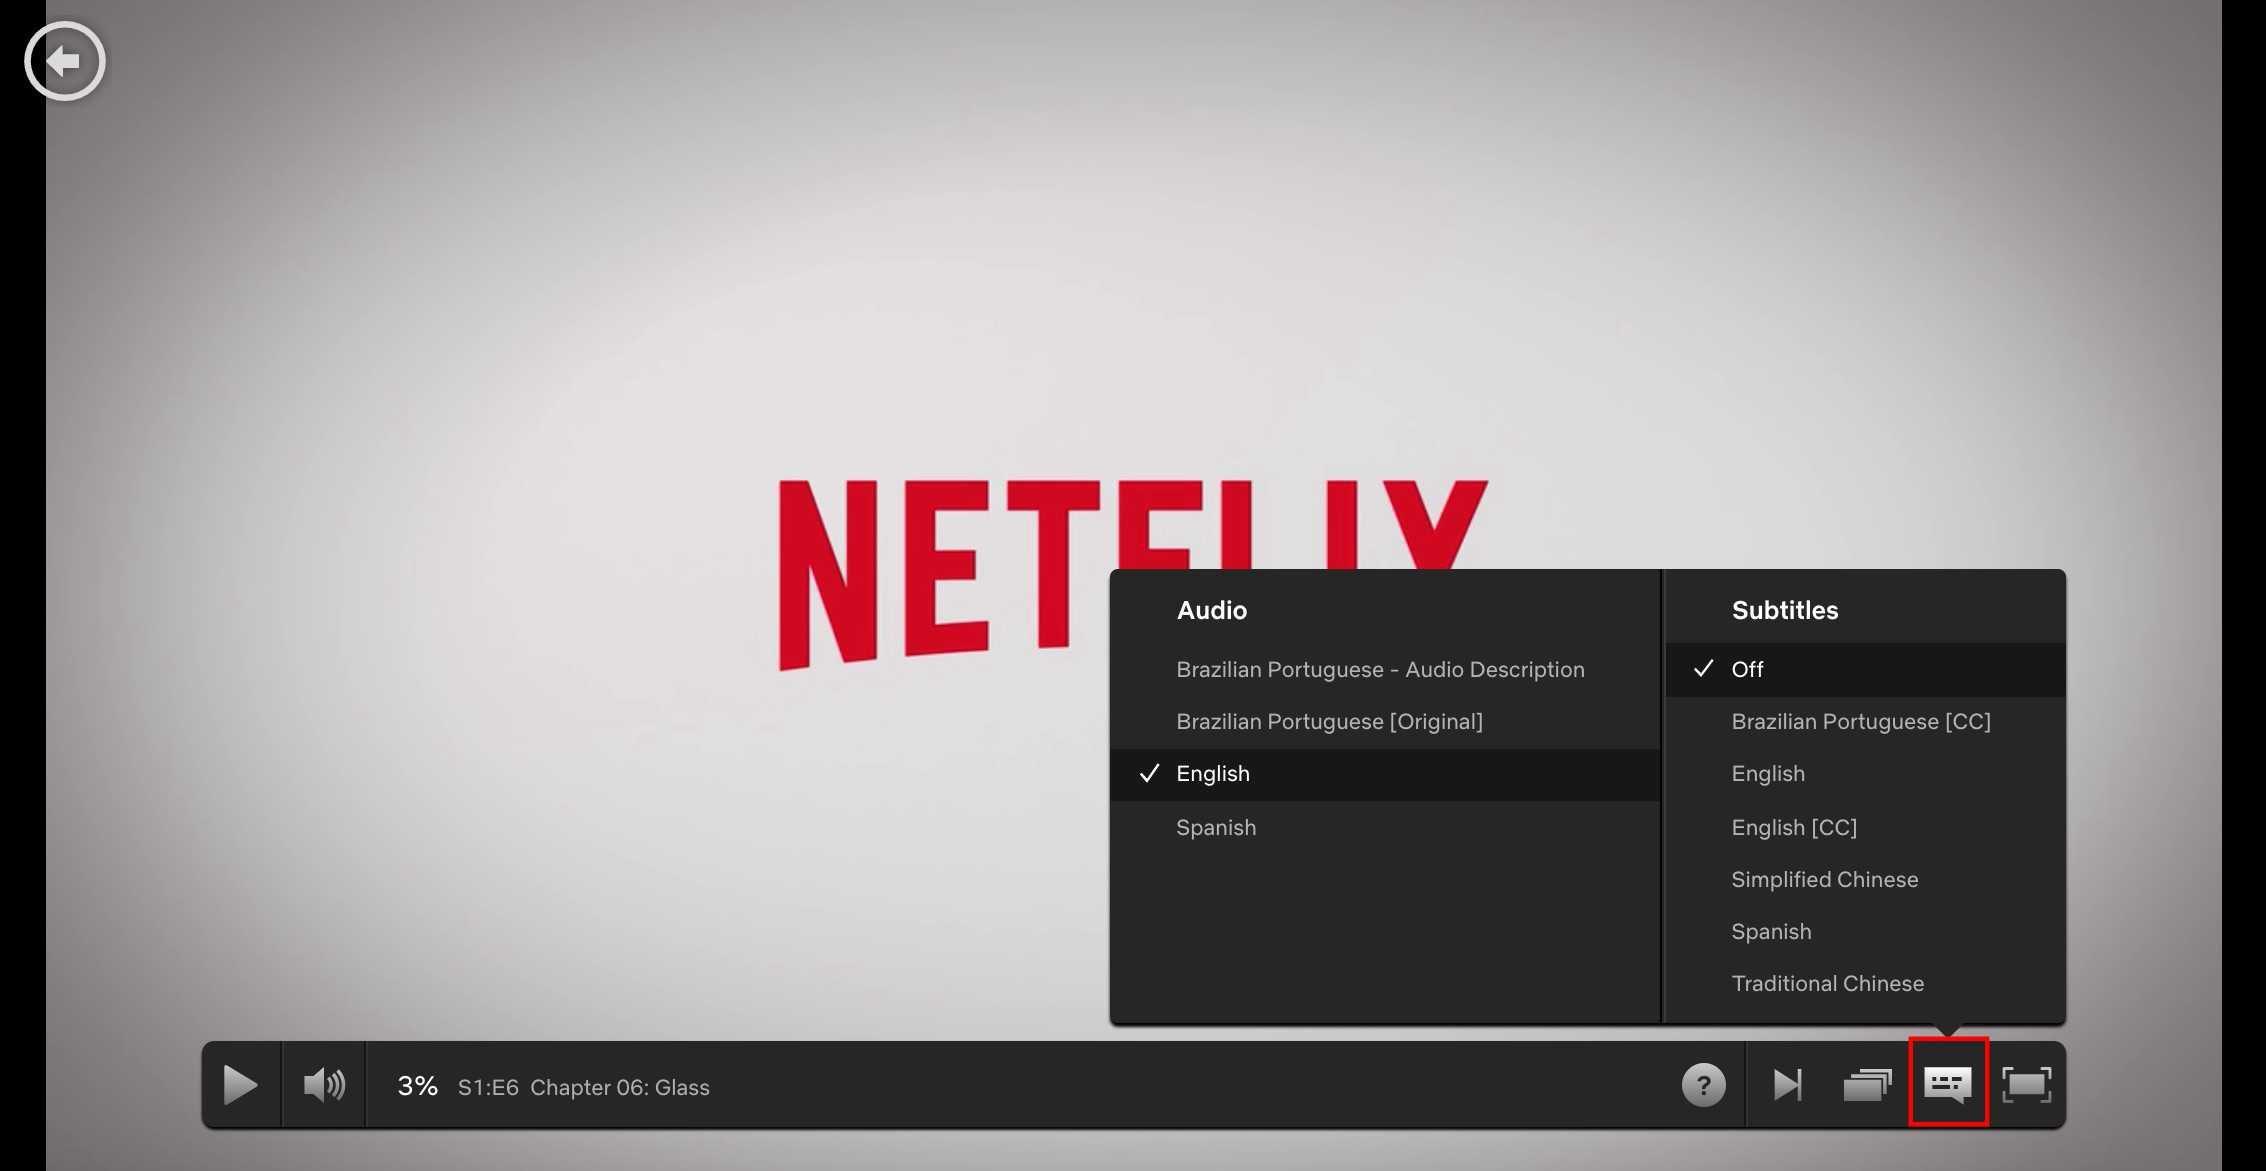 How To Change Netflix Audio Language And Subtitle Language